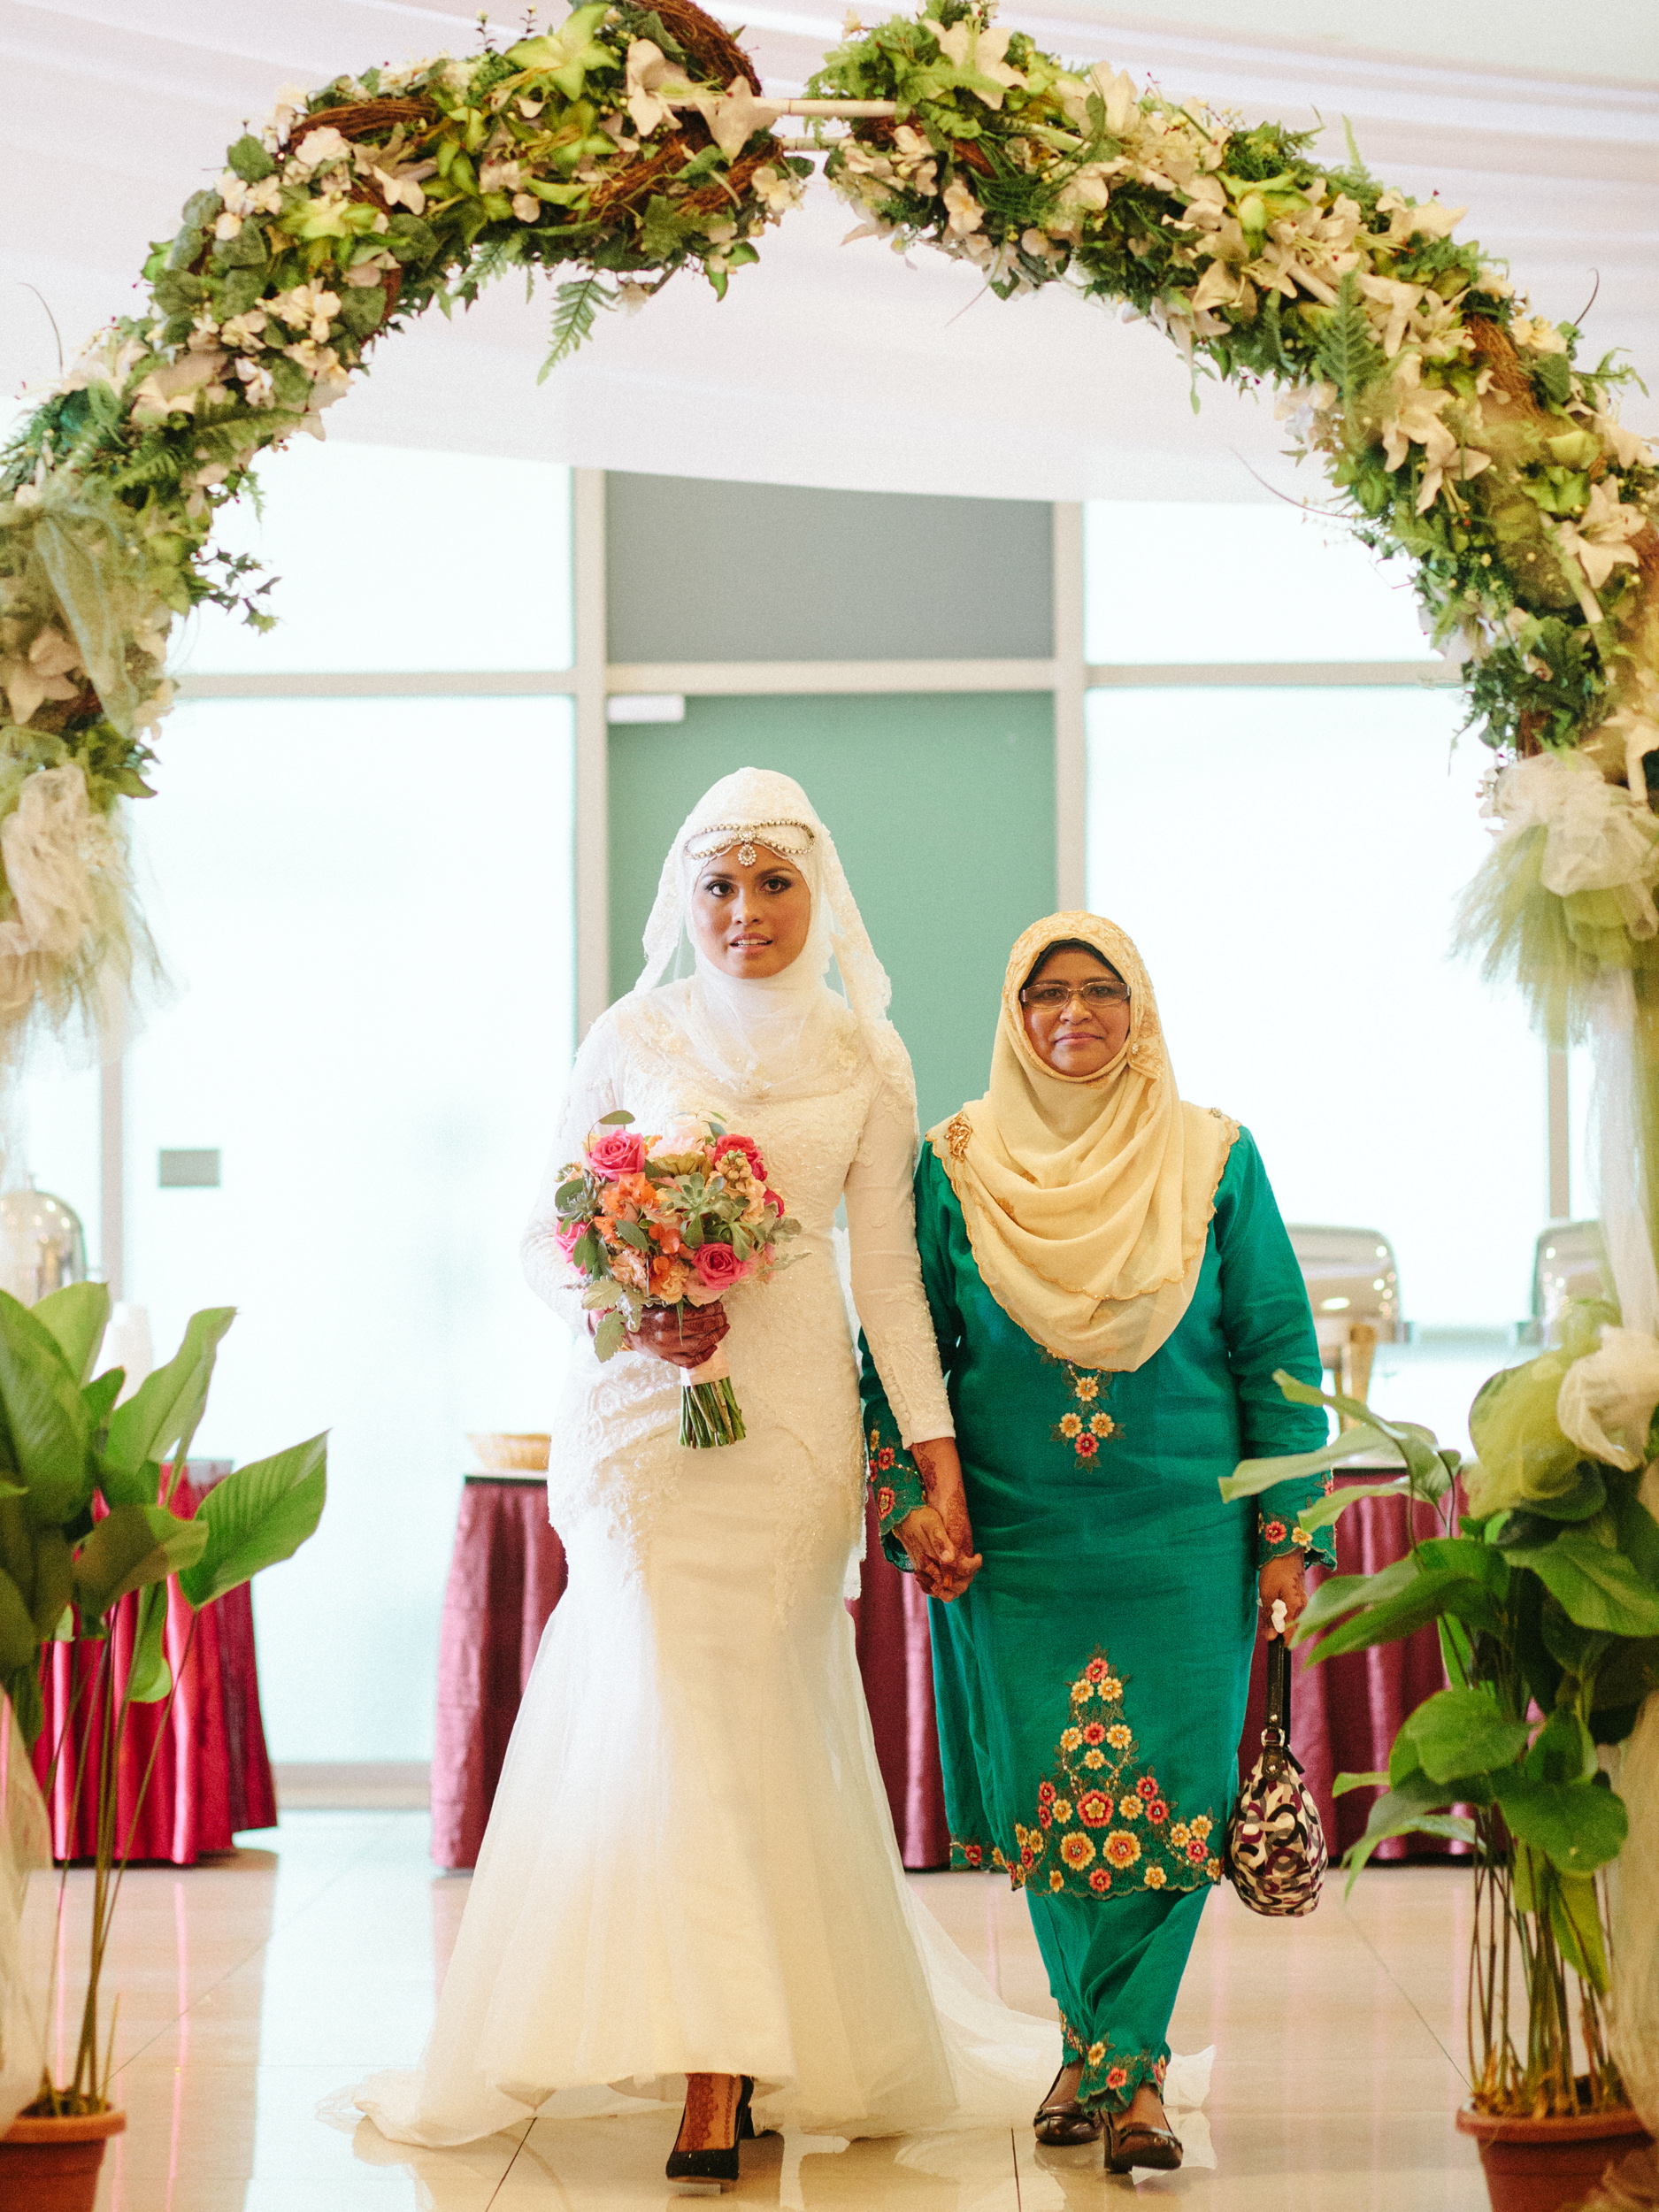 singapore-wedding-photographer-wemadethese-shikin-yanho-019.jpg